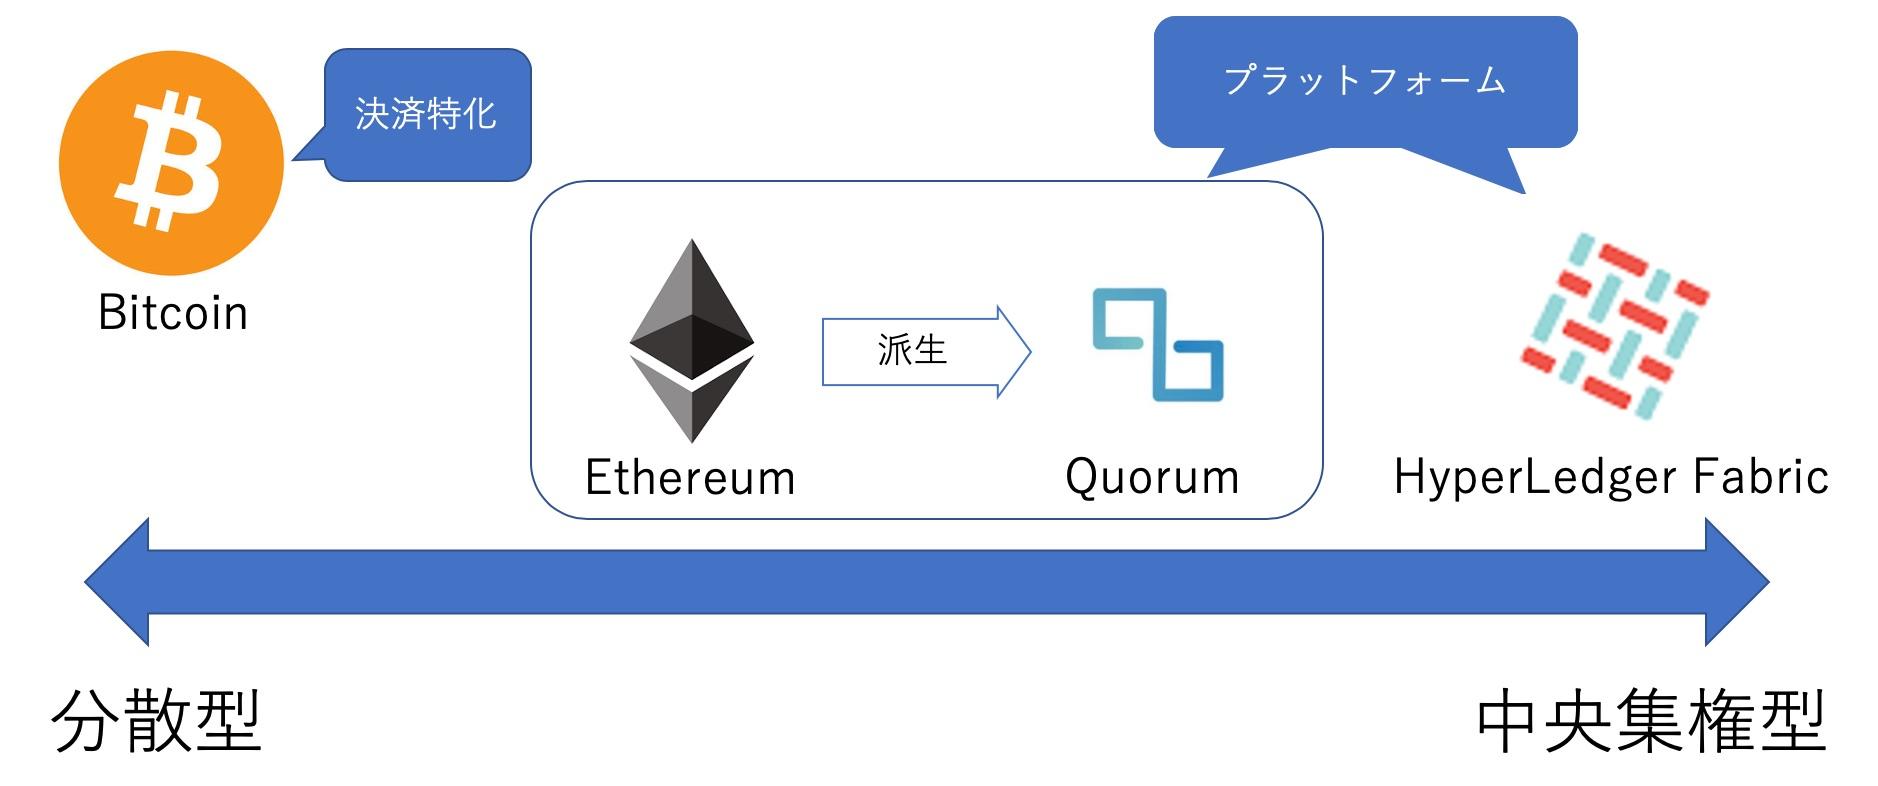 ブロックチェーンプラットフォーム例.jpg